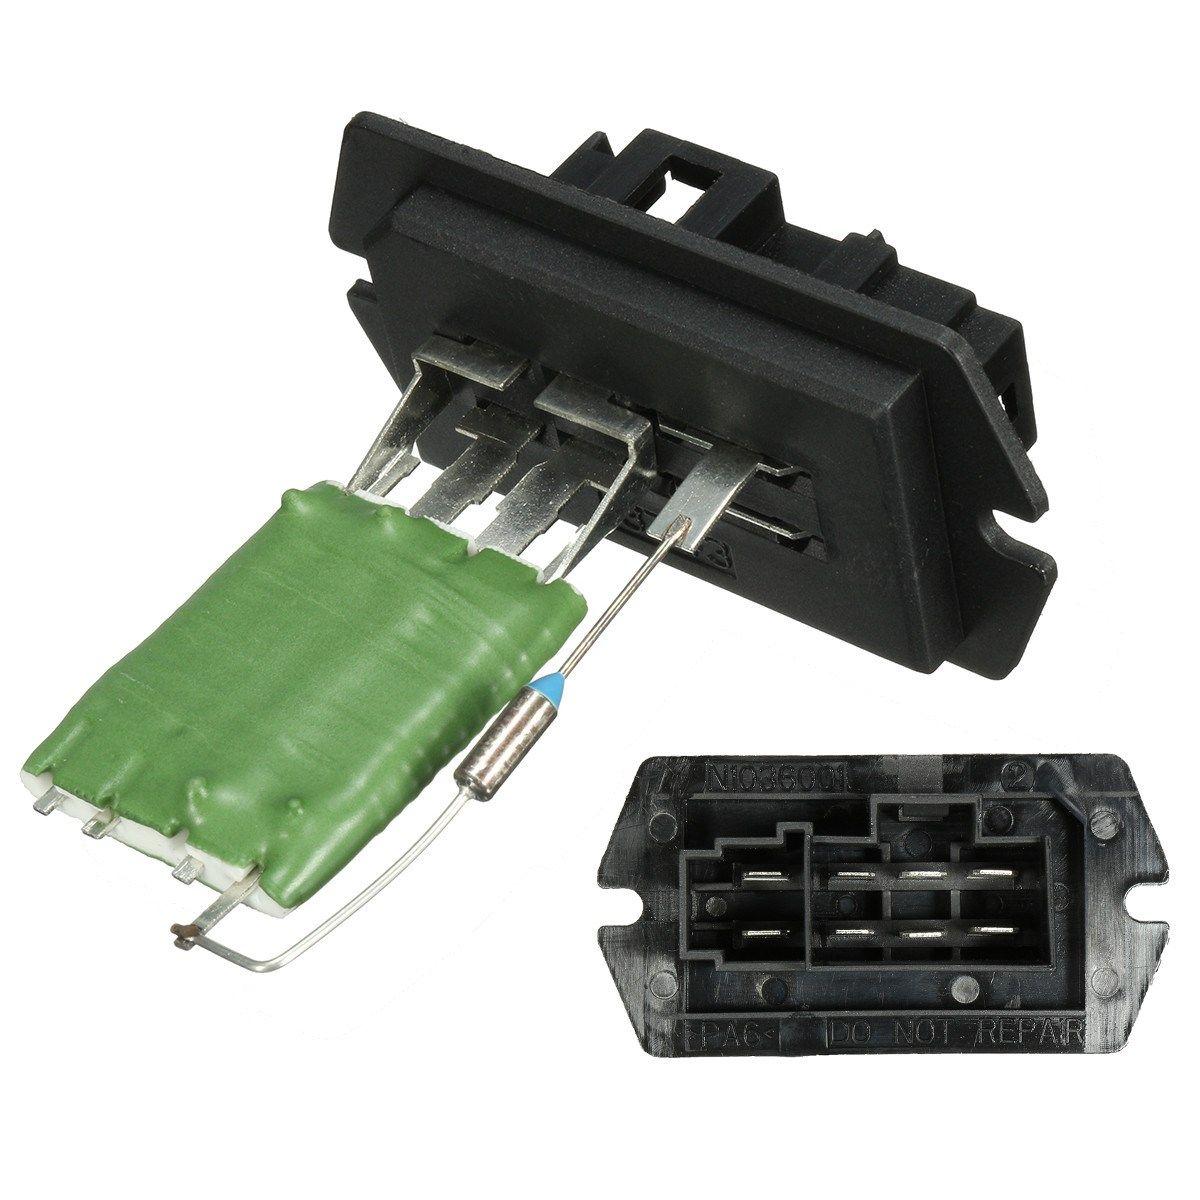 8 Pins Heater Blower Motor Resistor For Dodge Chrysler Voyager Grand 68029175aa 5369610 Ru362 Ja1473 Chrysler Voyager Chrysler 2017 Chrysler